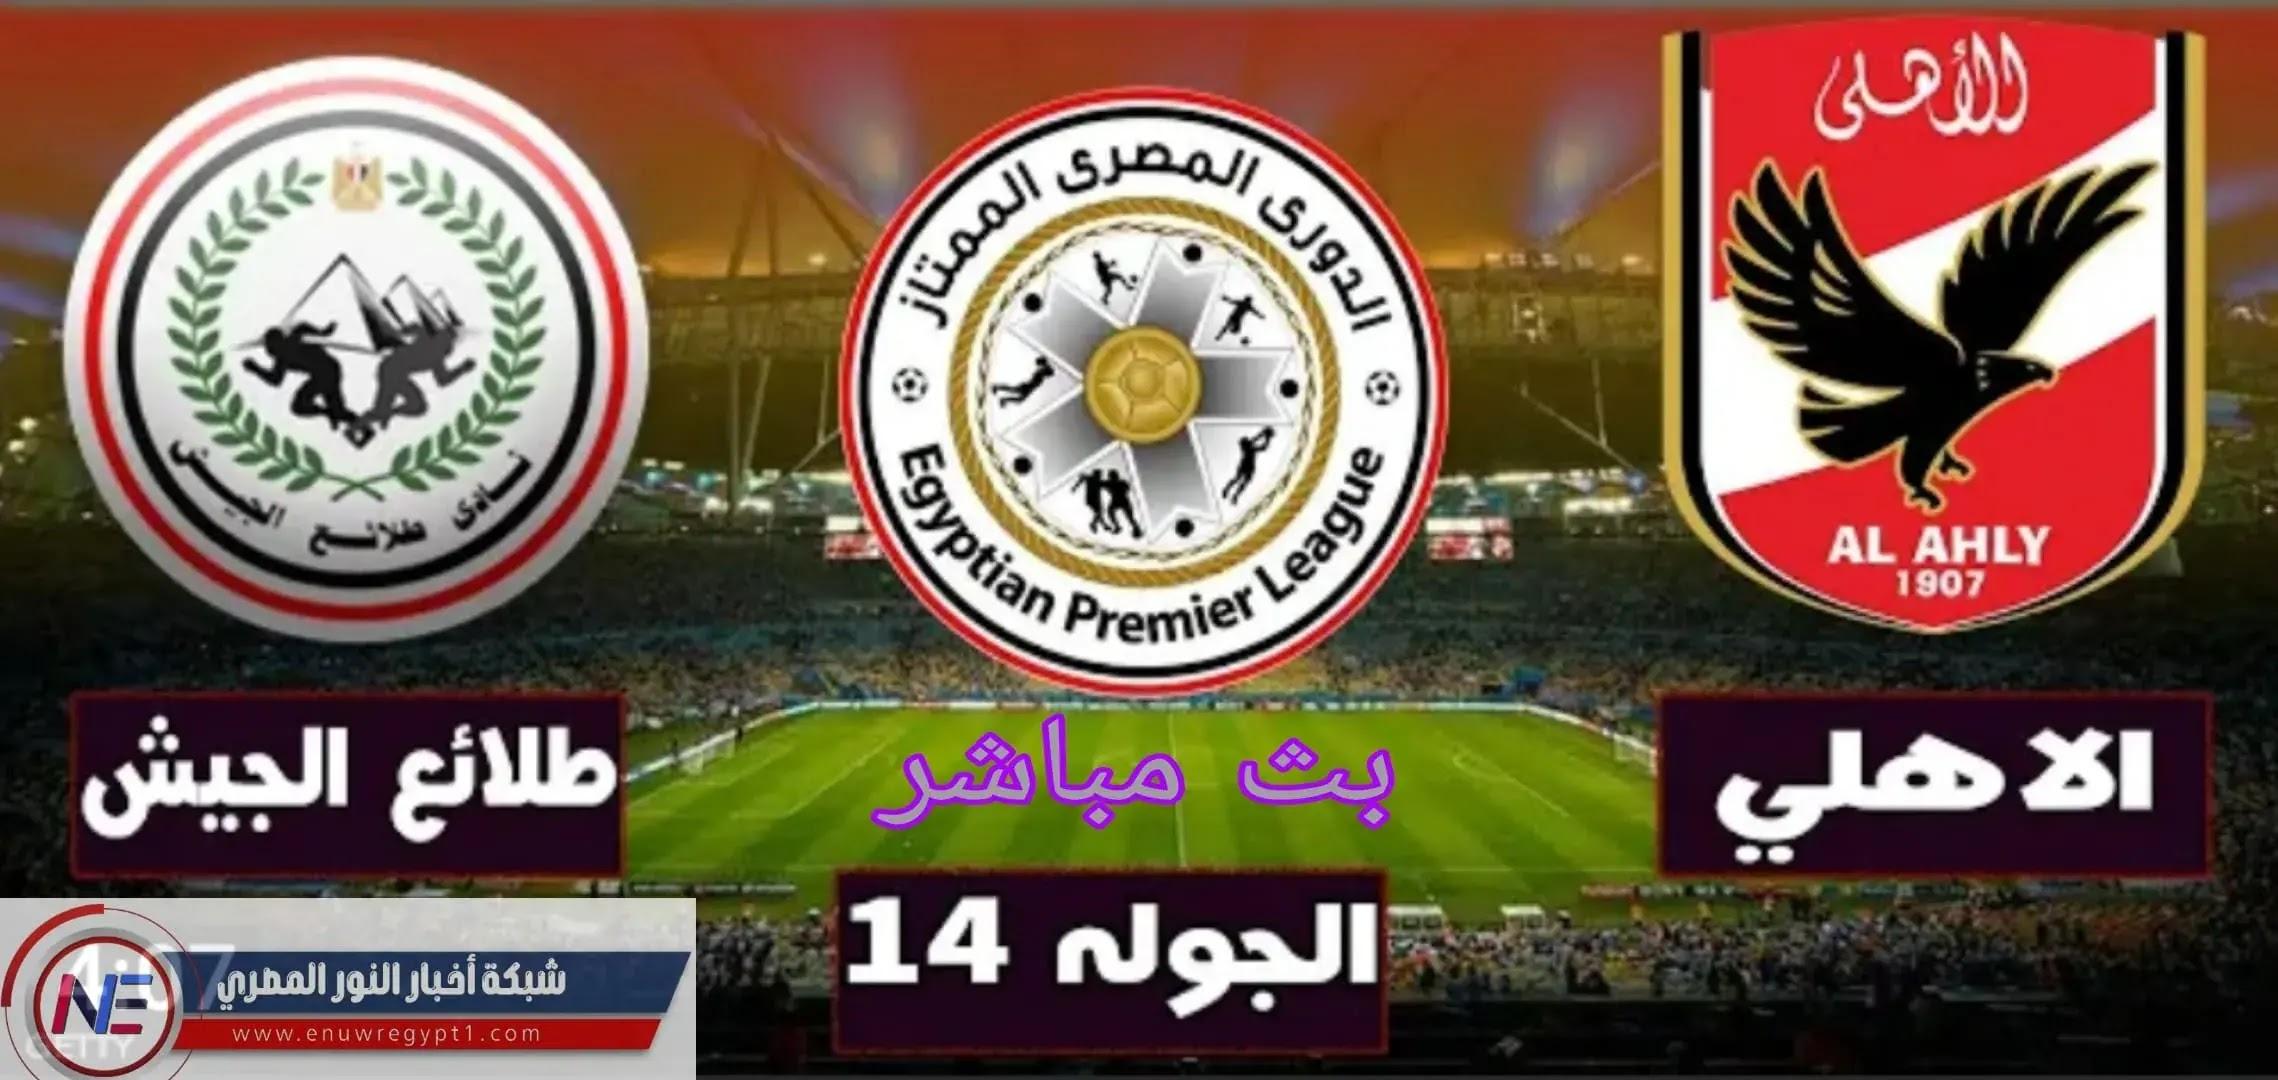 كورة ستار HD | مشاهدة مباراة الاهلي و طلائع الجيش بث مباشر اليوم الاحد 28-02-2021 في الدورى المصري لايف بجوده عالية